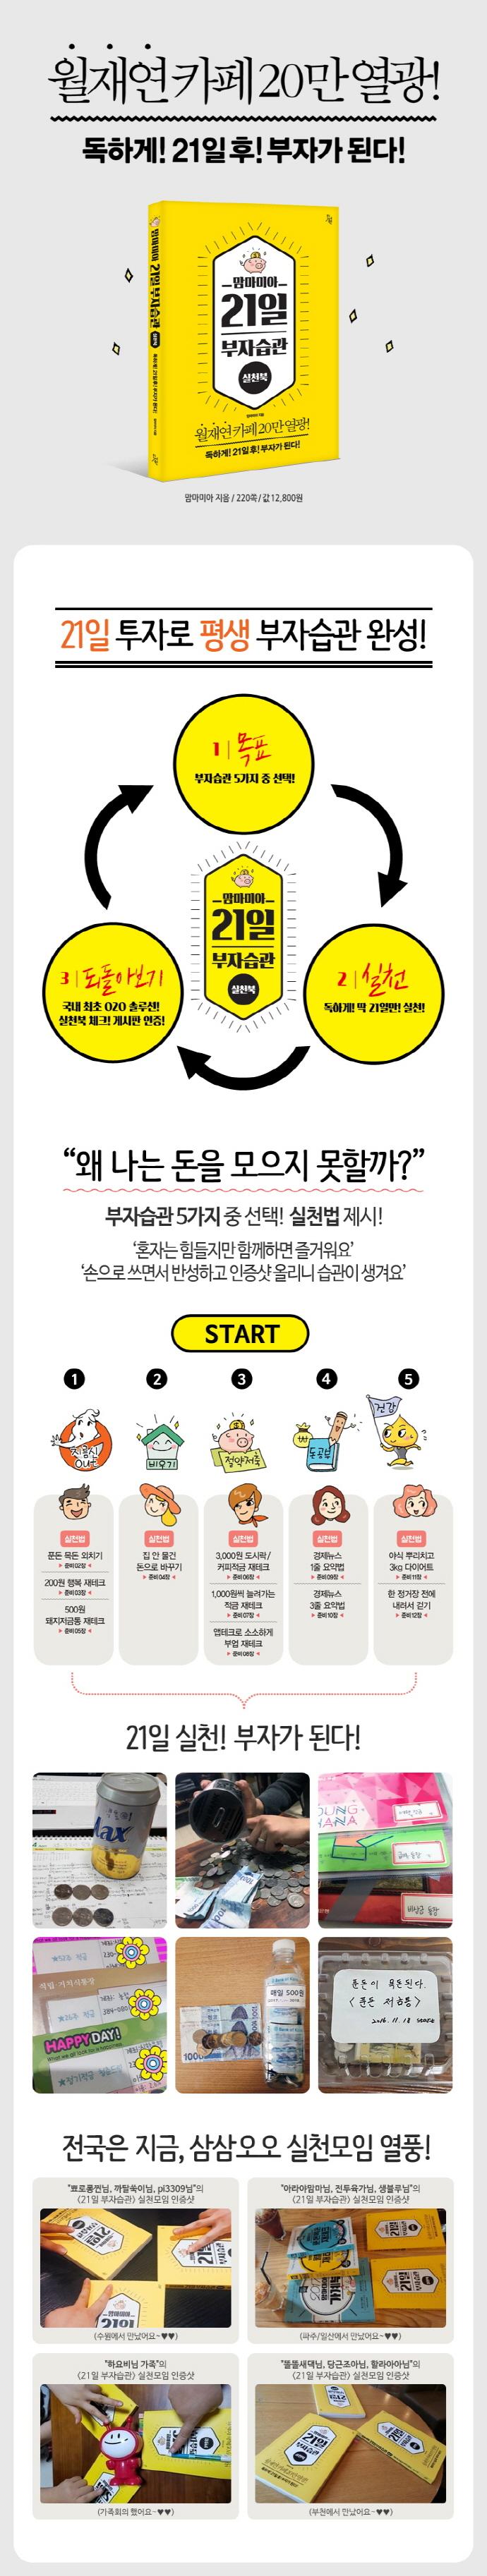 맘마미아 21일 부자습관 실천북 도서 상세이미지